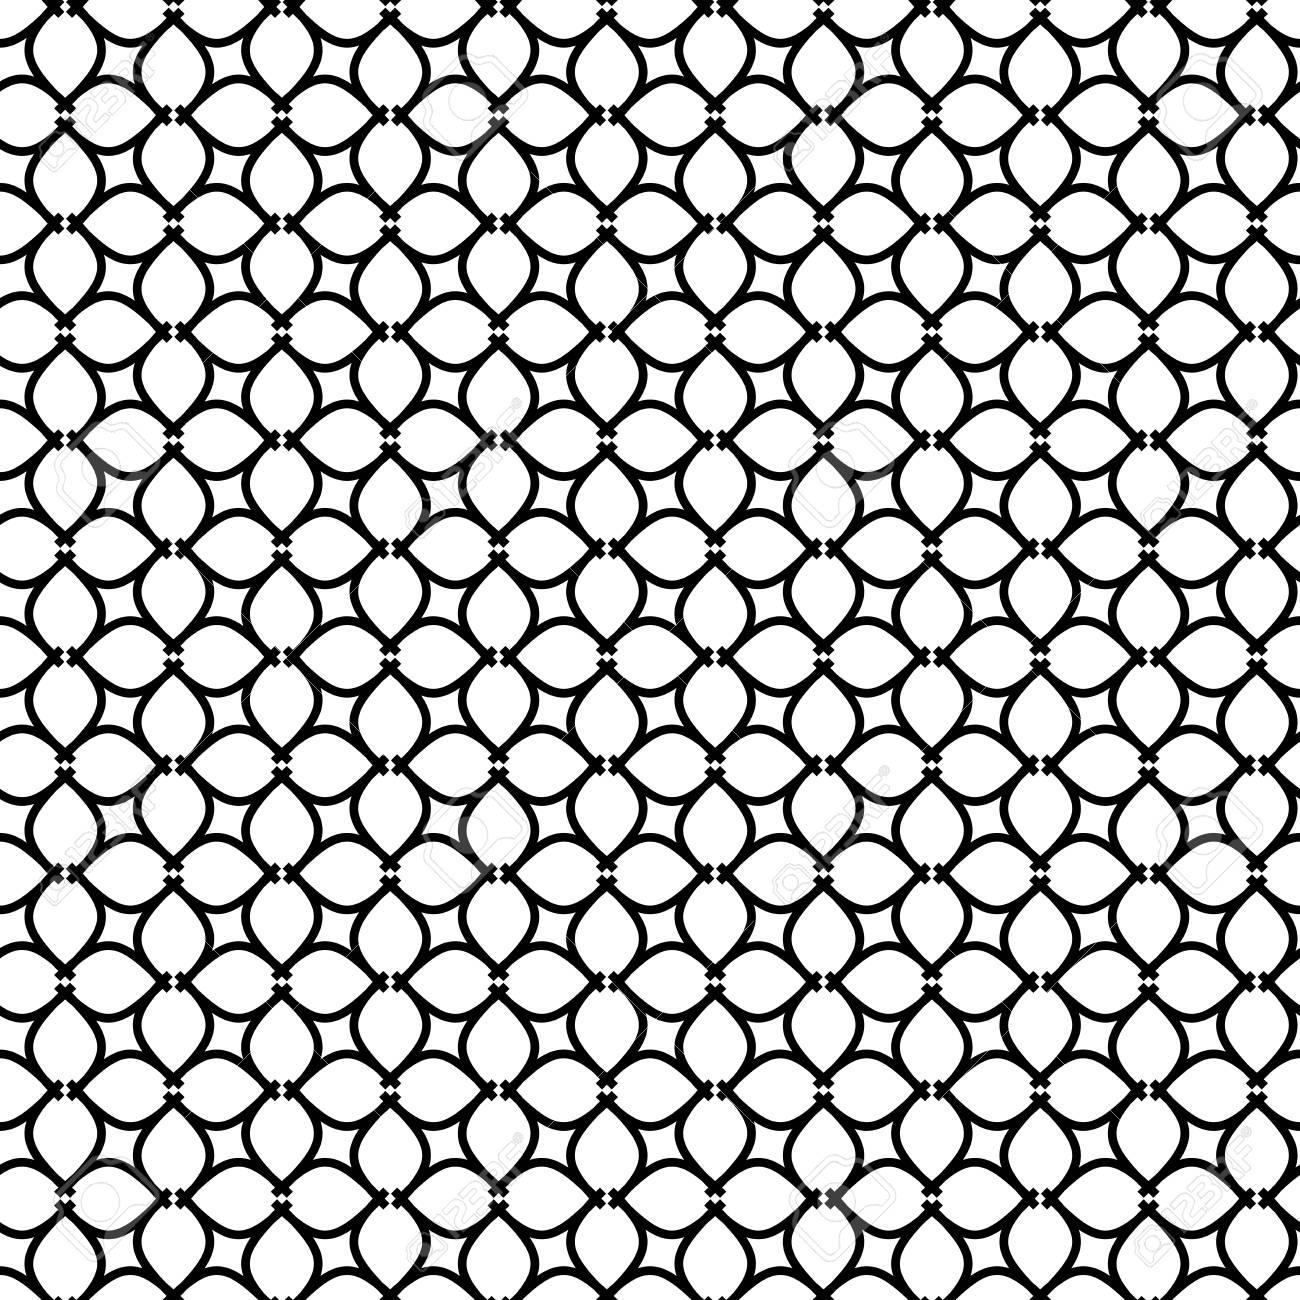 nahtlose licht ornament im arabischen stil schwarz wei muster fr tapeten und hintergrnde - Tapete Schwarz Wei Muster